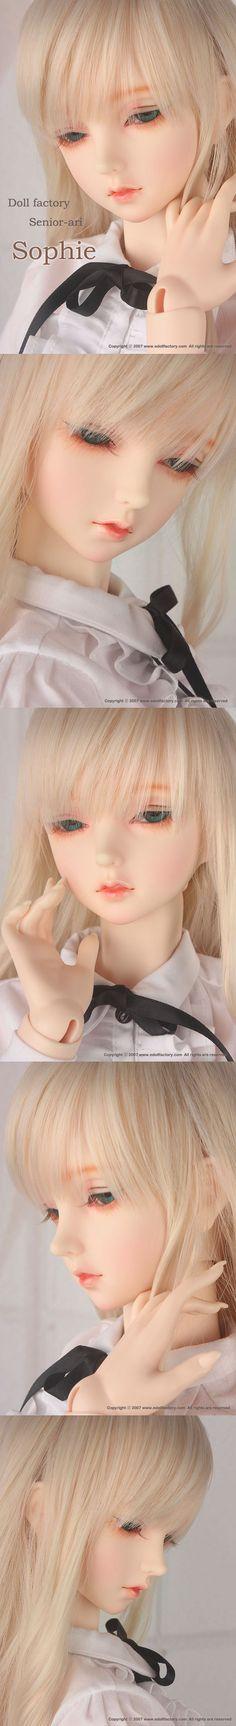 いらっしゃいませ。Doll Factory Japanでございます。